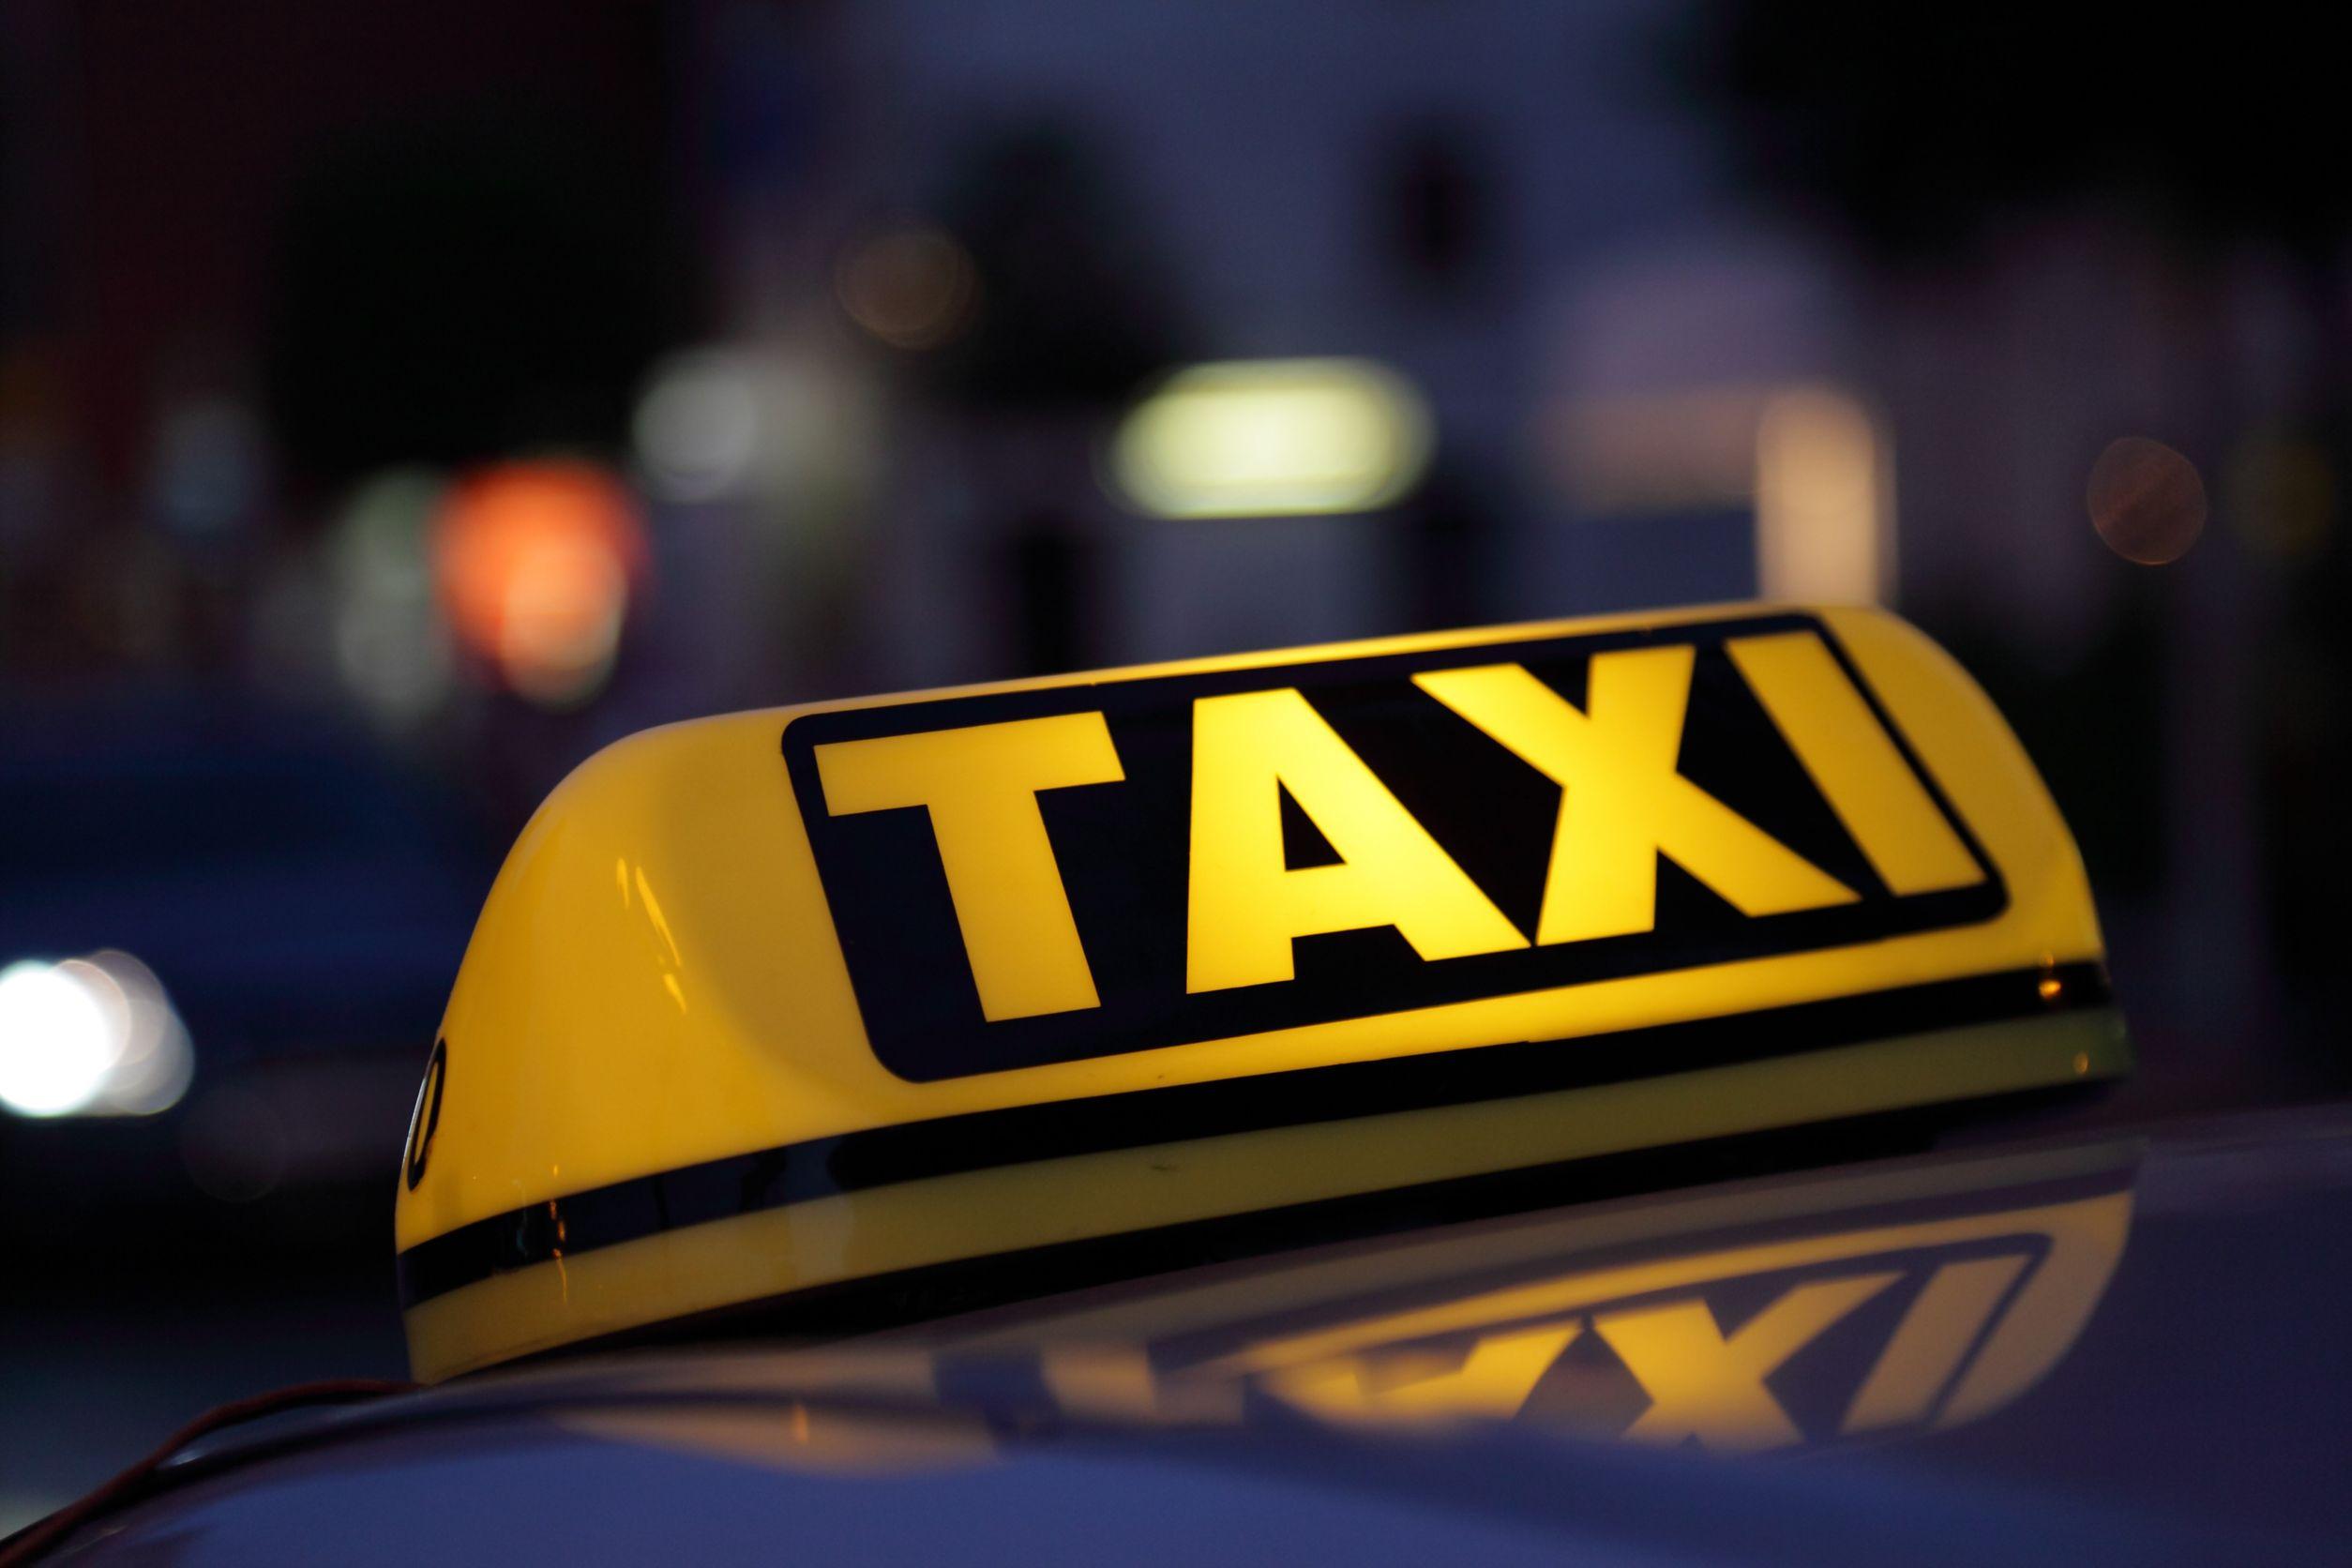 Услуги такси на личных автомобилях будут приостановлены